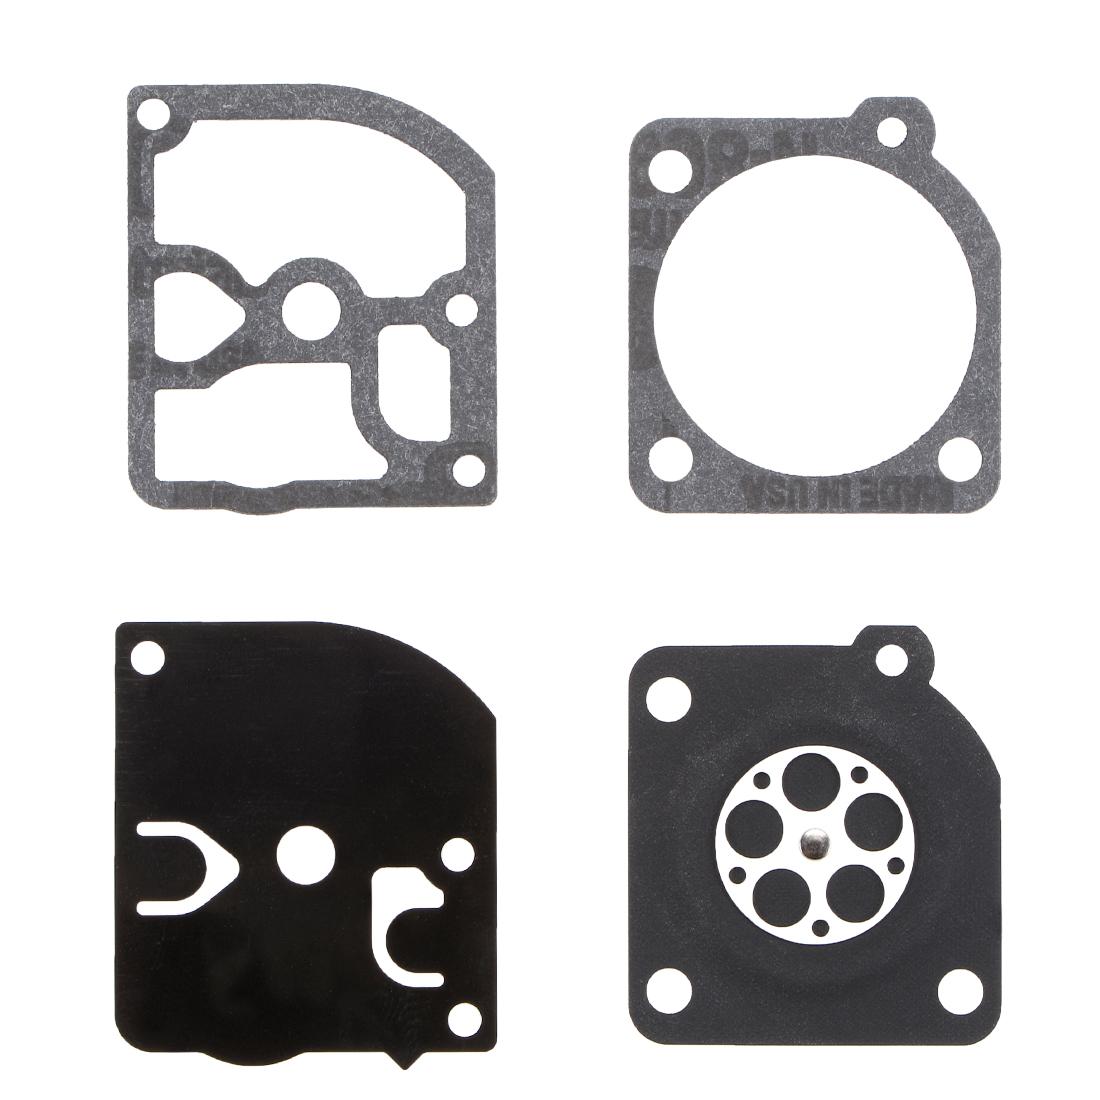 Carburetor Rebuild Kit Gasket Diaphragm GND-35 for Homelite 3216 3516 Carb 2pcs